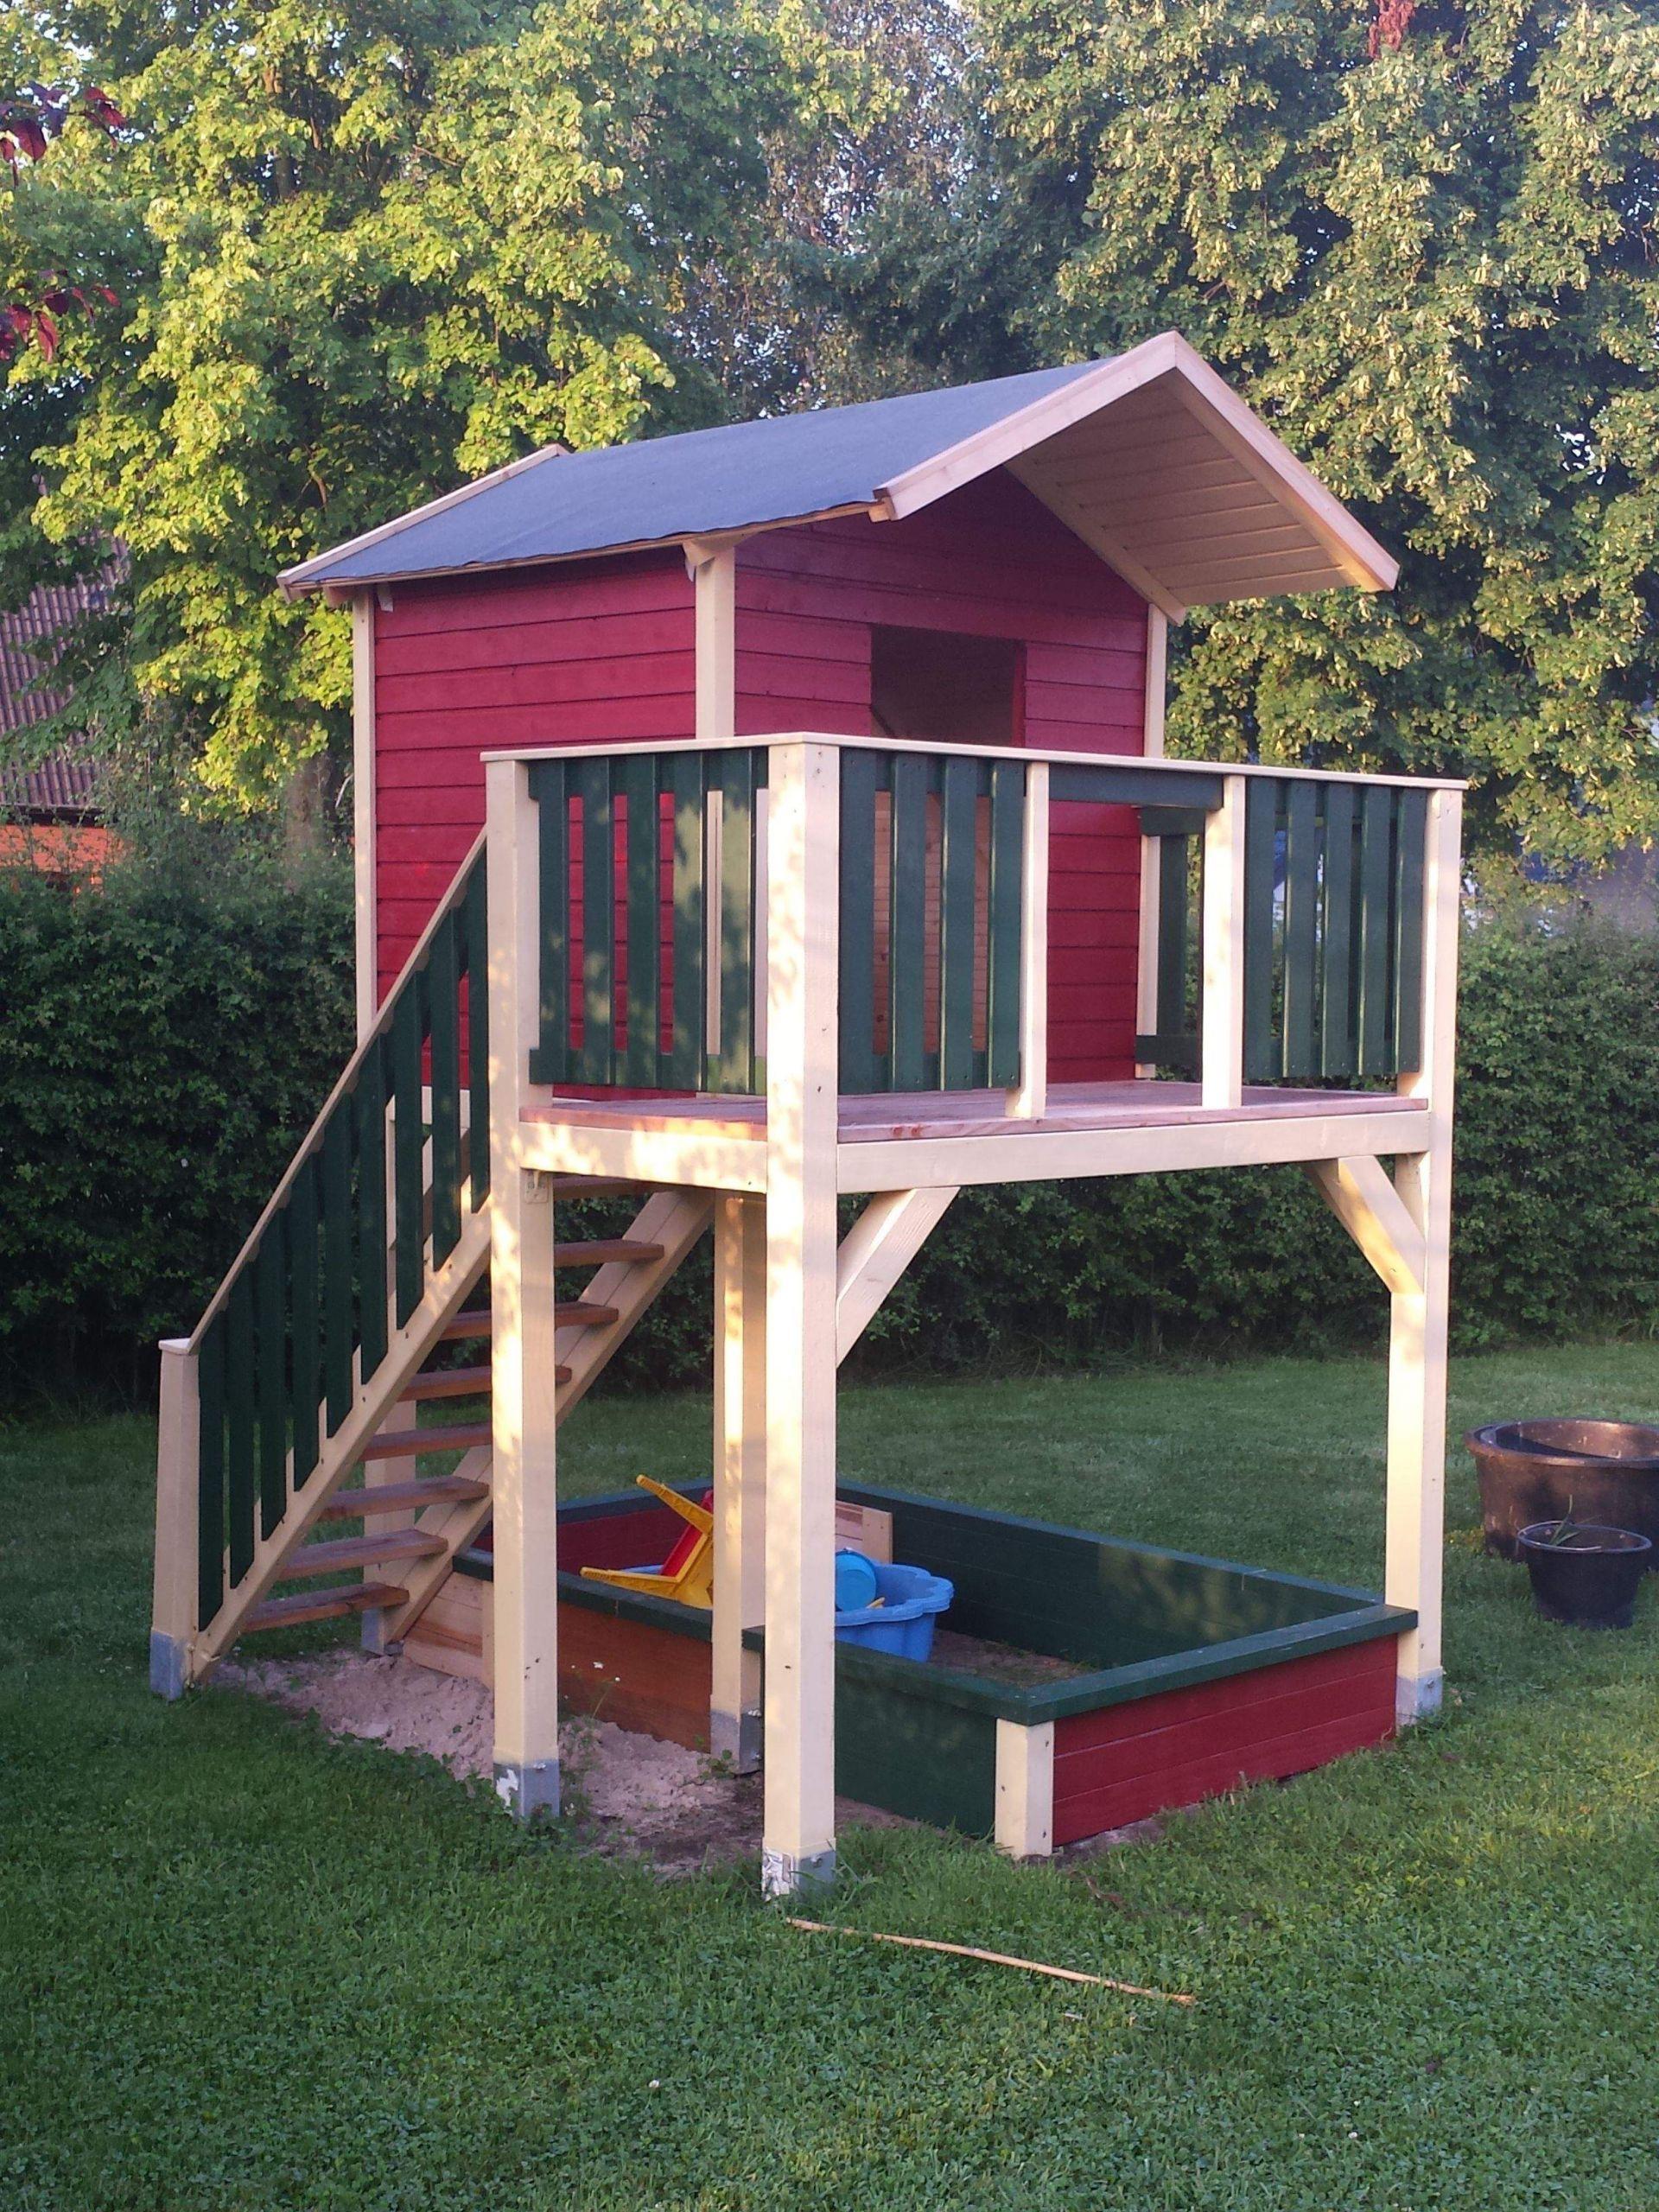 Spielhaus Kinder Garten Neu Spielturm Mit Treppe Bauanleitung Zum Selber Bauen